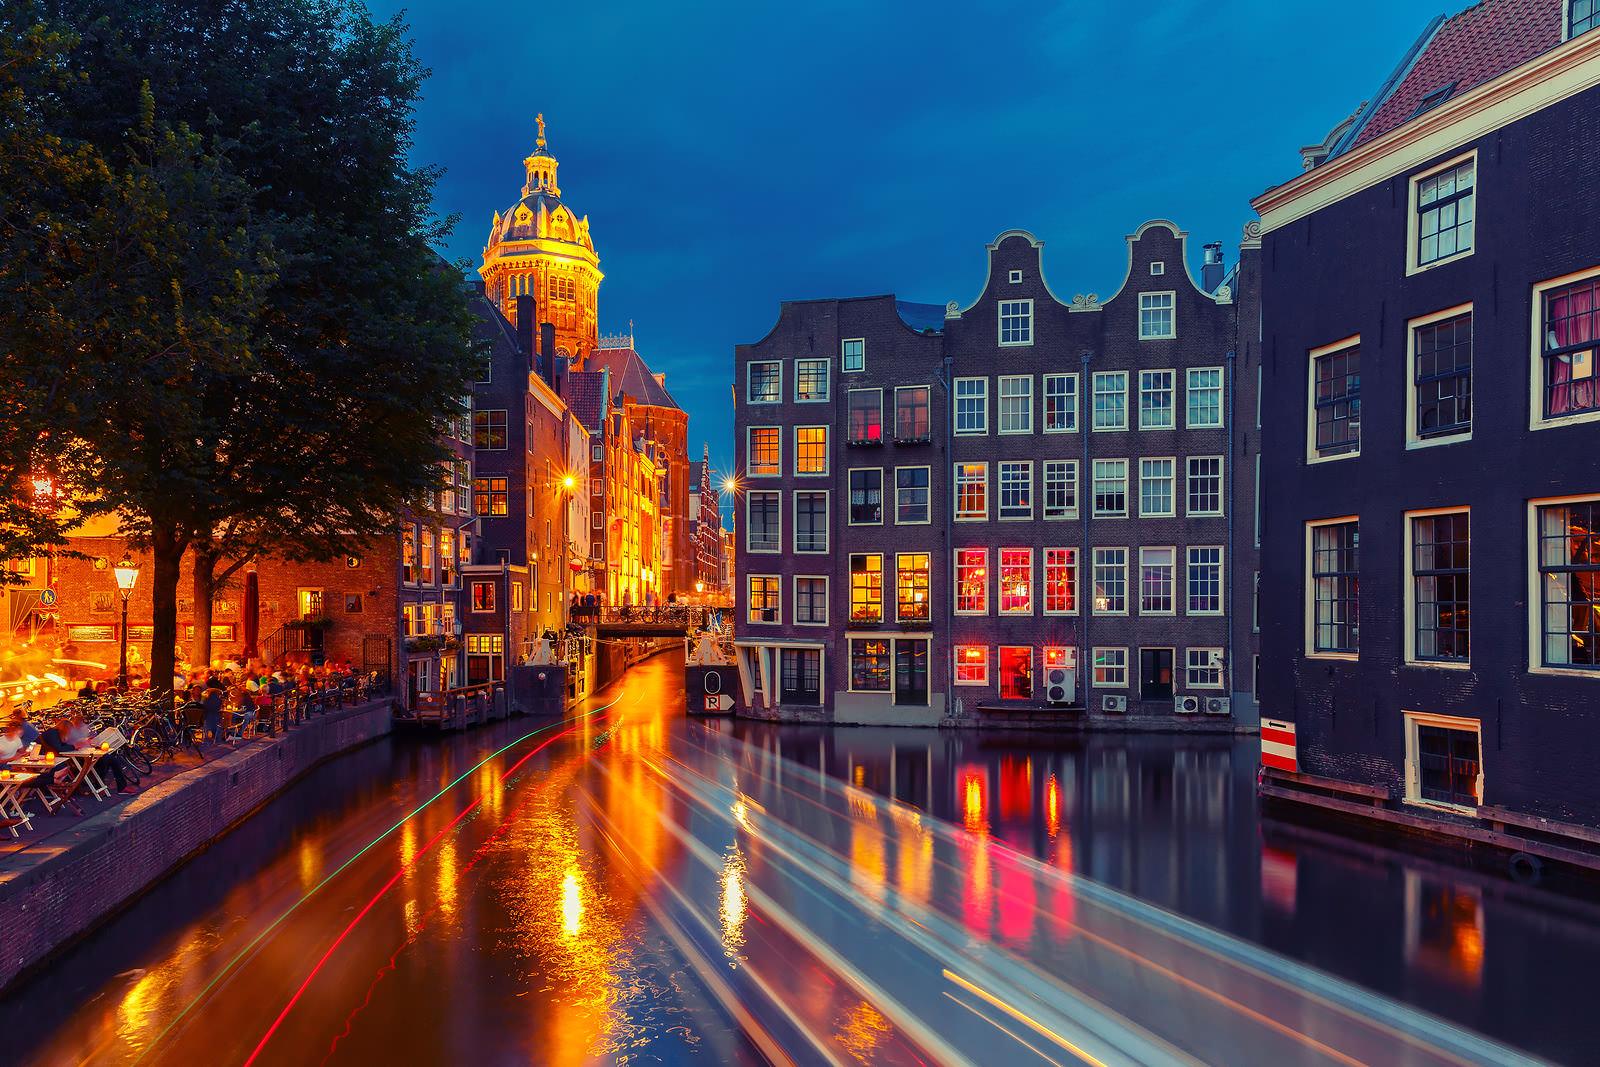 Ferienwohnung in Holland